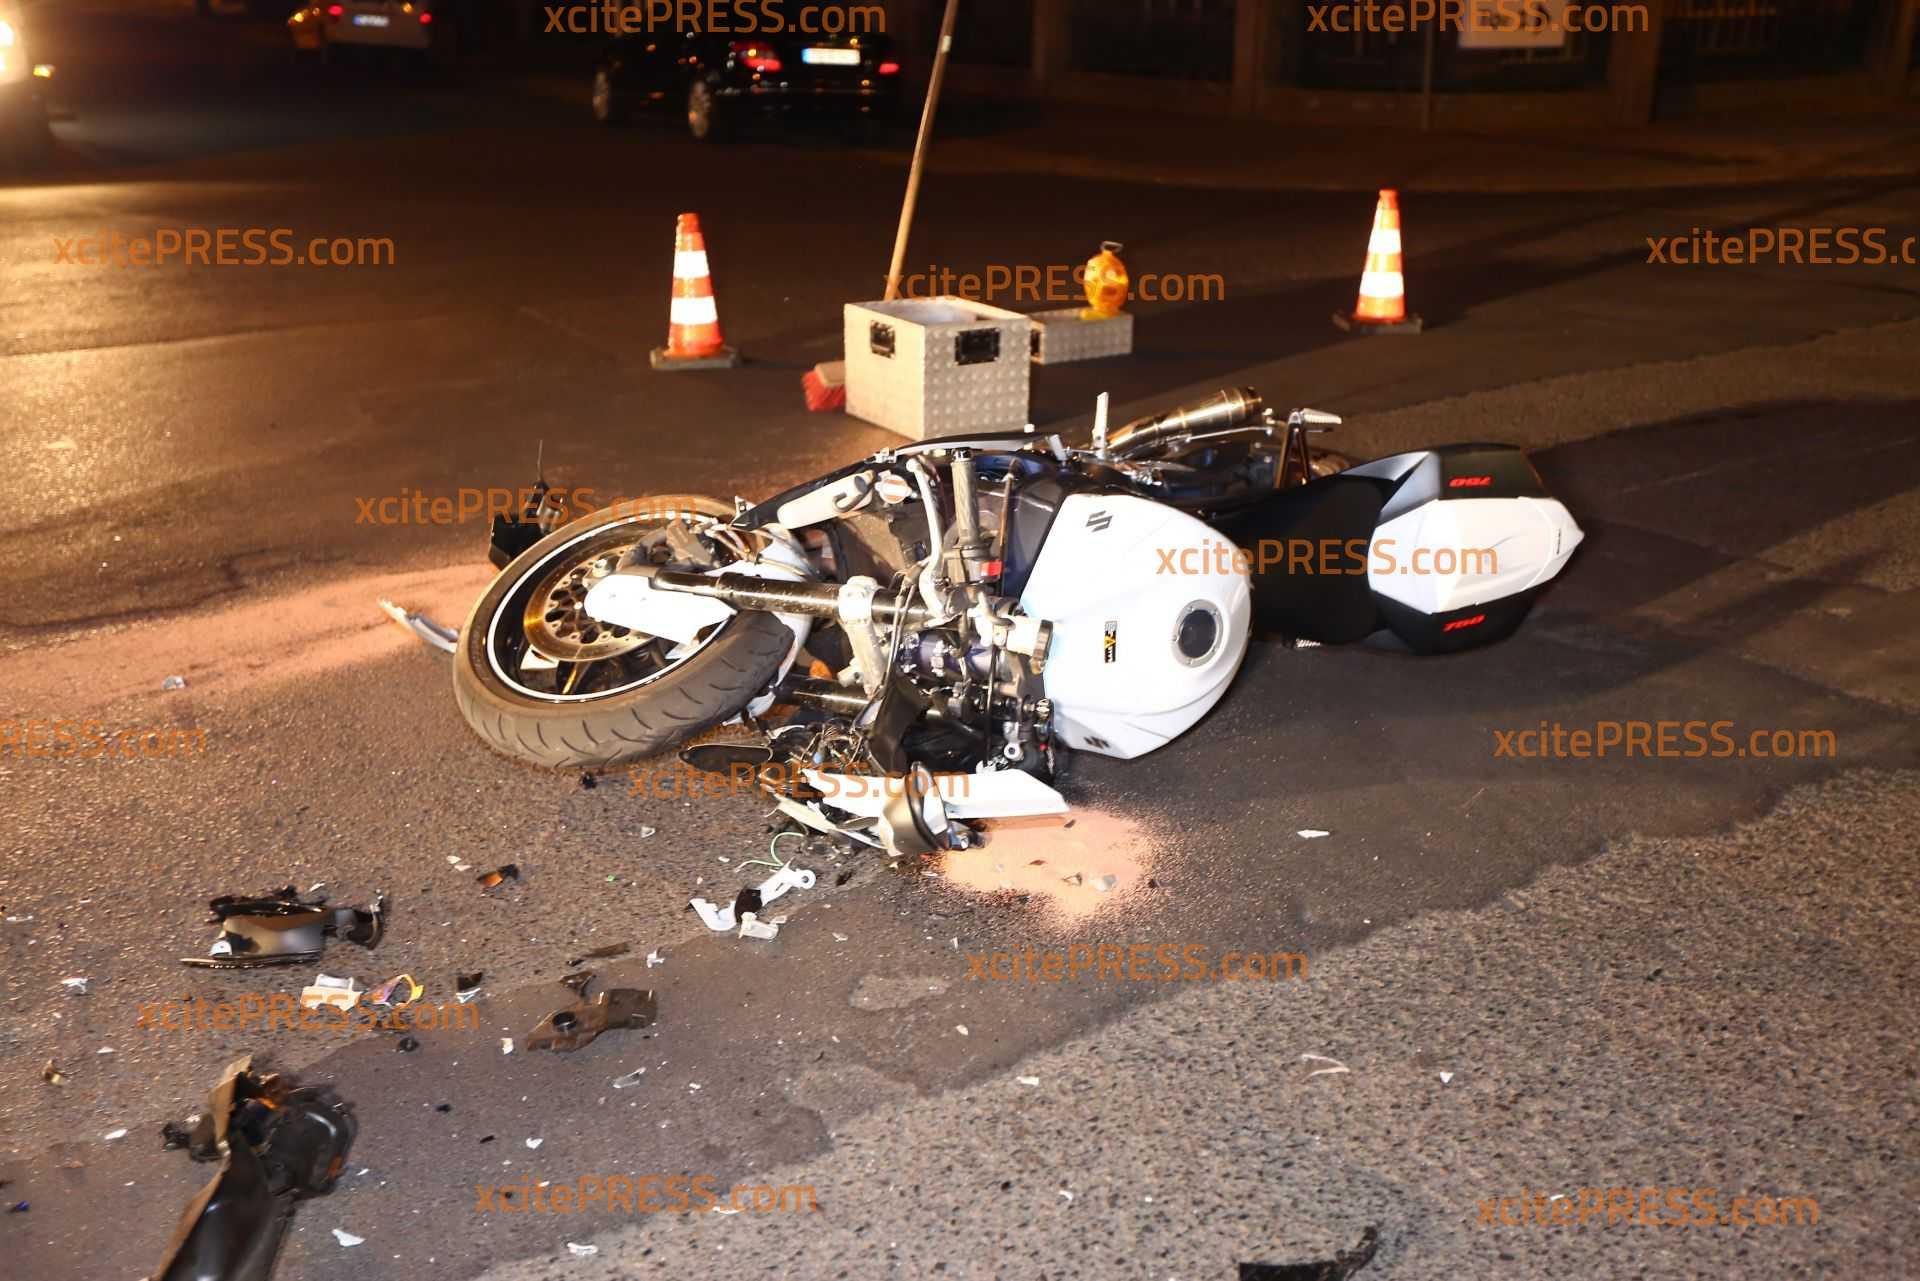 Vorfahrtscrash: Motorrad übersieht PKW: Kradfahrer schwer verletzt